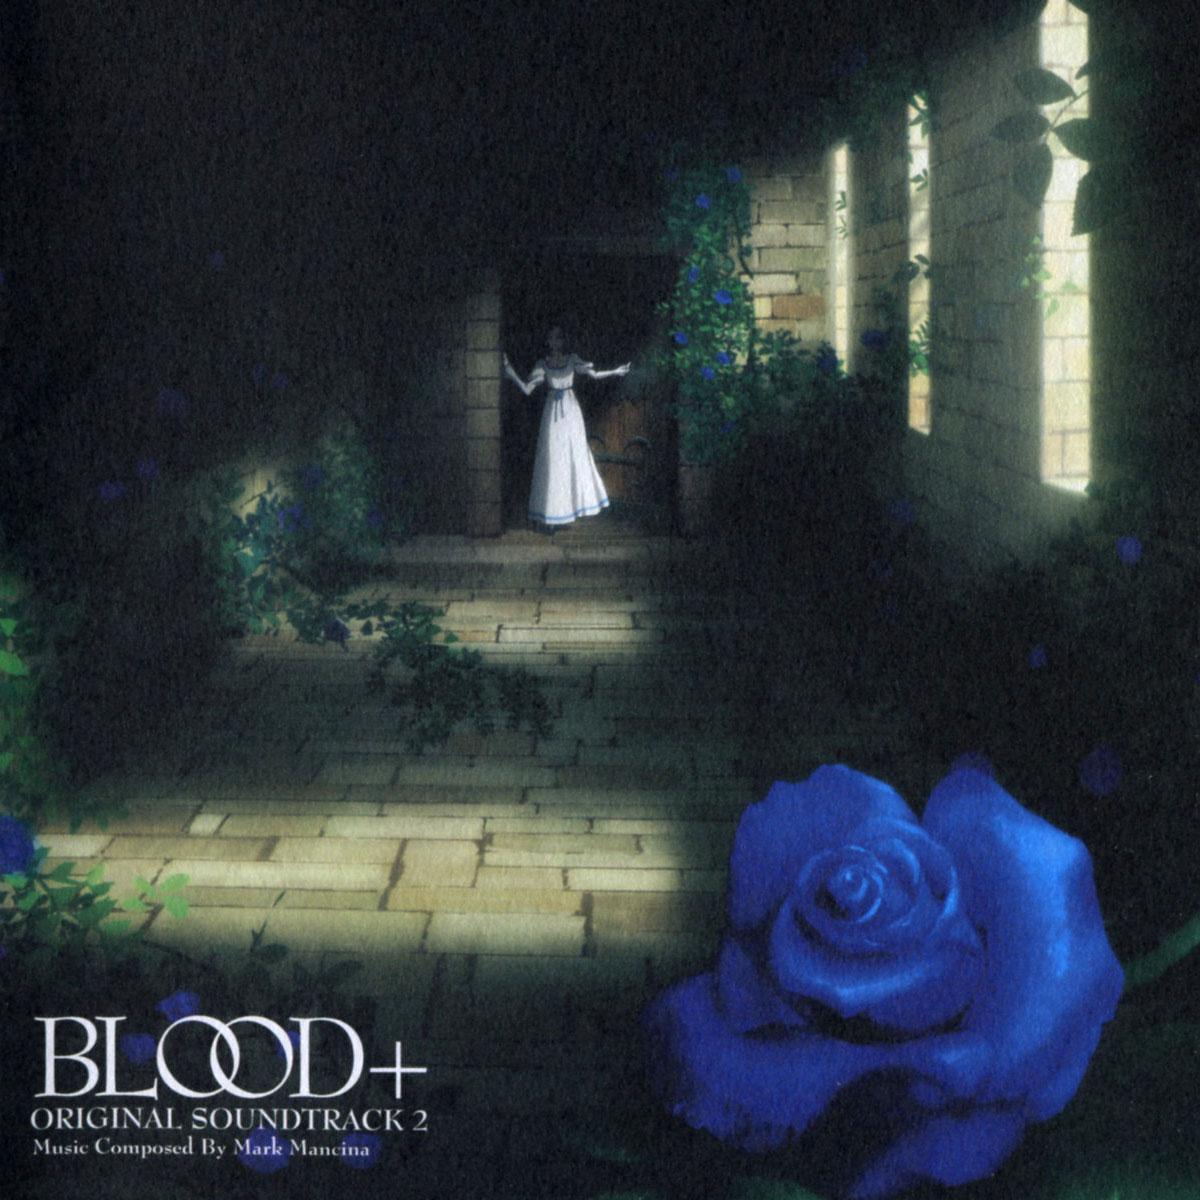 http://1.bp.blogspot.com/-hBCpBTYGGSY/UC8MbY7aIuI/AAAAAAAAGy4/RDAE_lDh7xU/s1600/Blood++wallpapers+hd,+poster.jpg